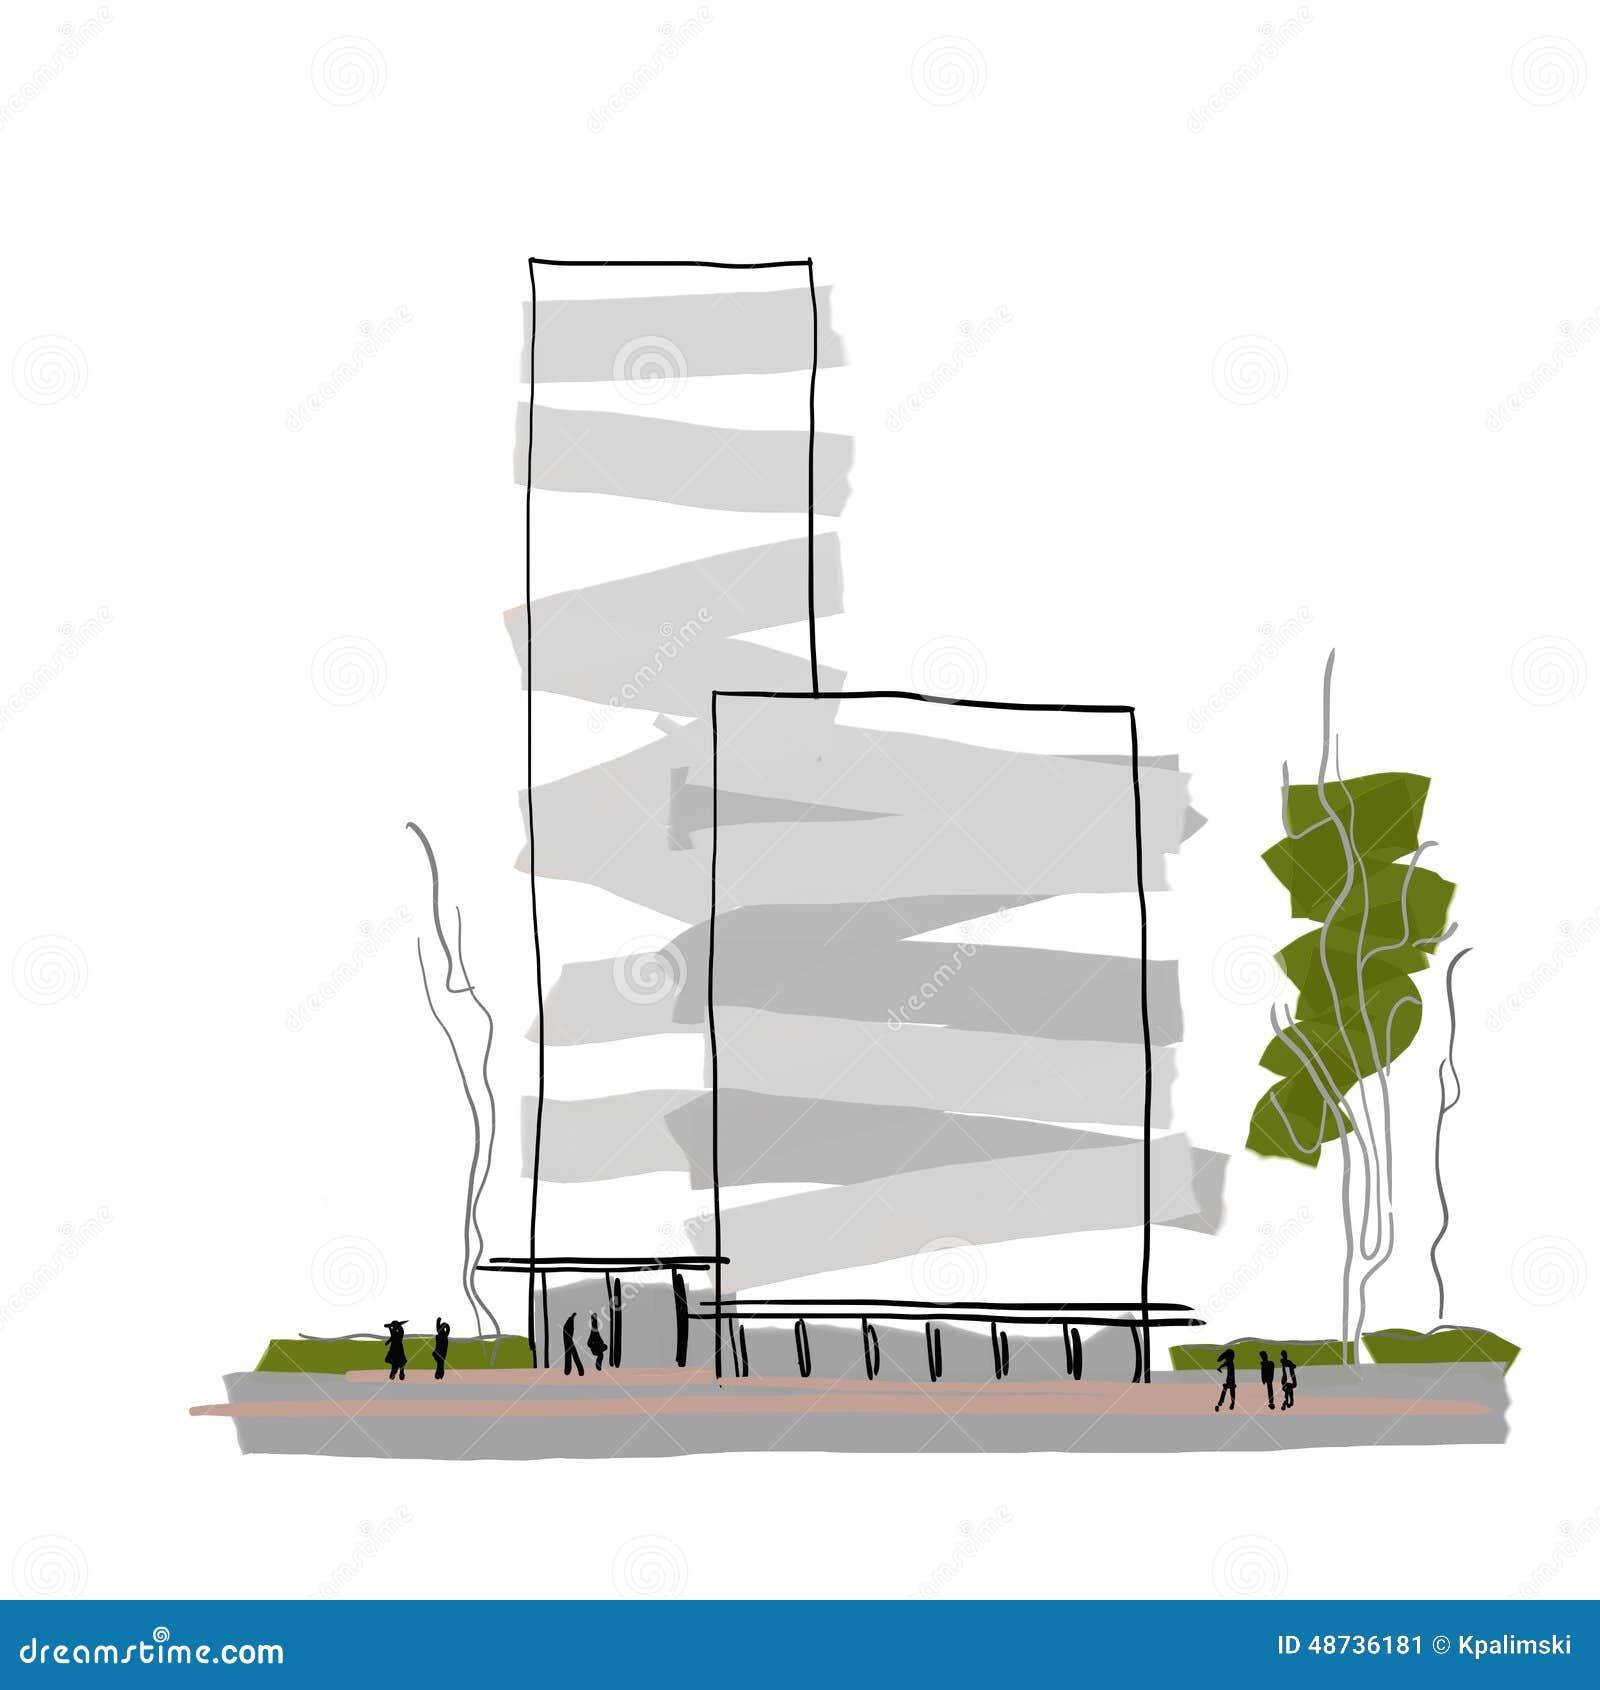 Croquis architectural d 39 architecture de b timent d 39 abr g for Architecture de batiment moderne